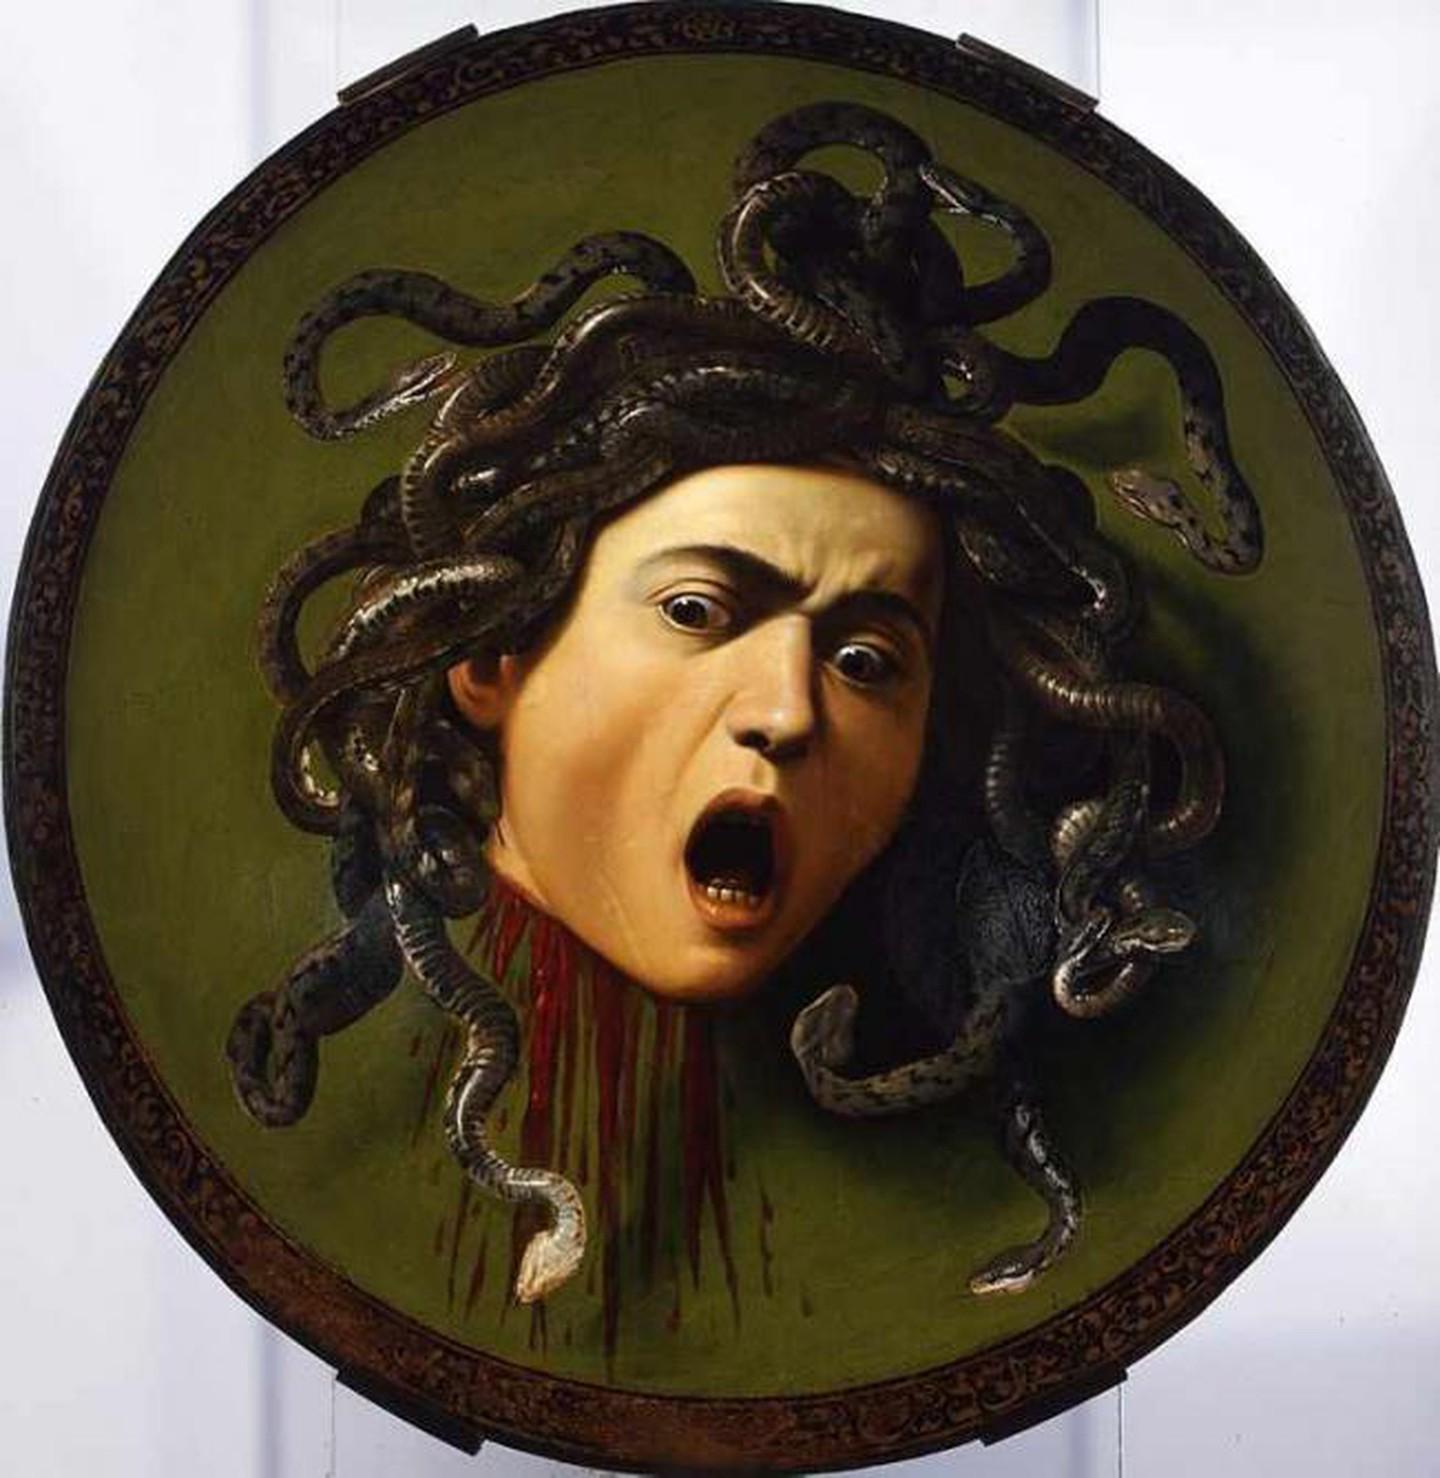 Καραβάτζο, Μέδουσα, 1597. Photo Credits: WikiCommons